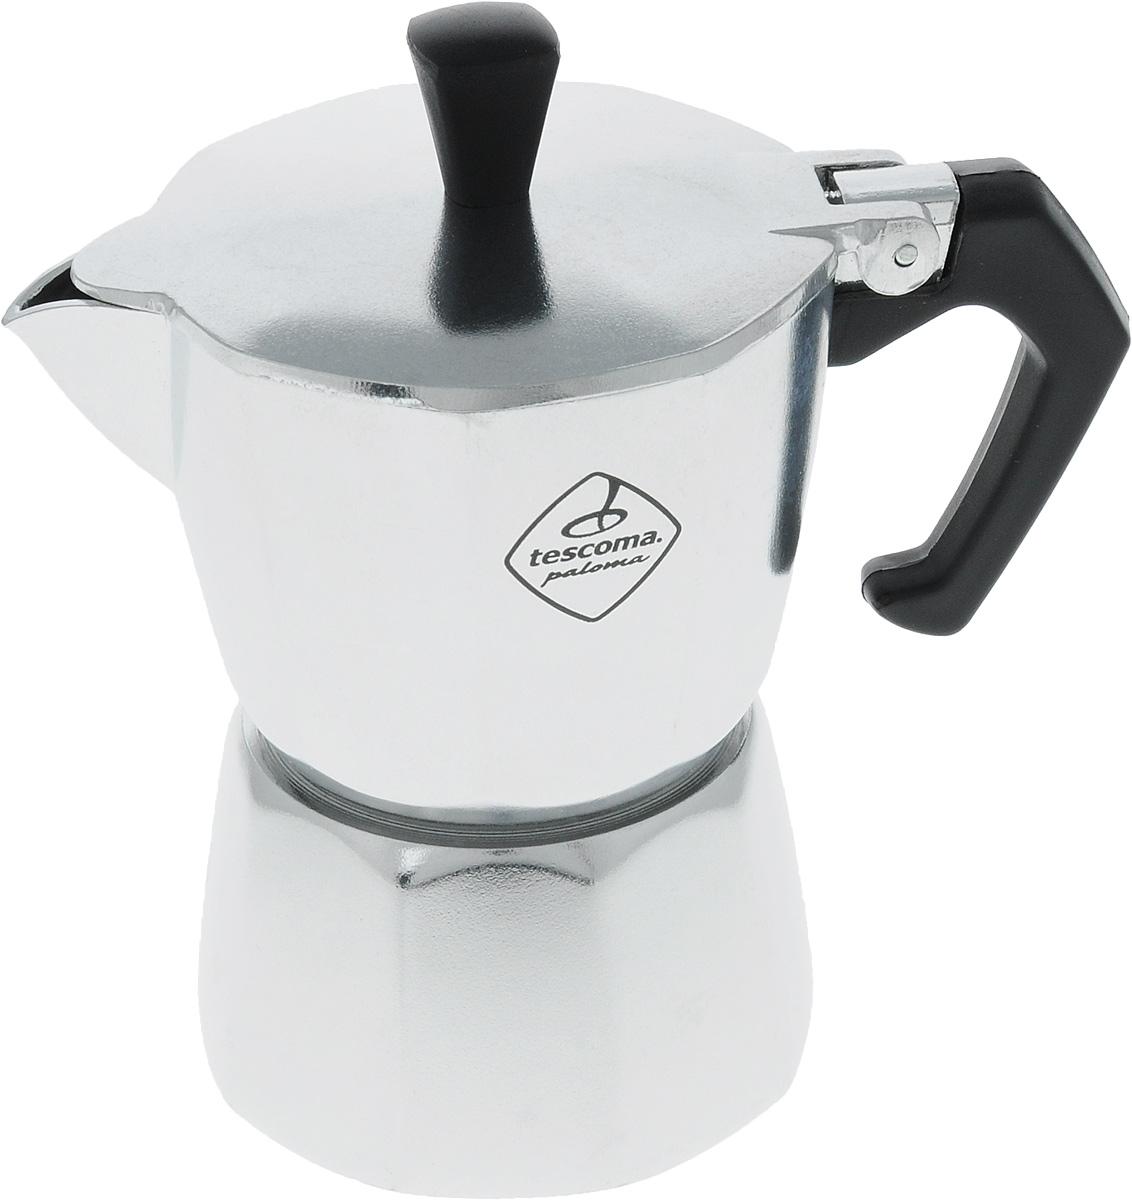 Кофеварка Tescoma Paloma, на 2 чашки647002Кофеварка Tescoma Paloma идеально подходит для приготовления традиционного кофеэкспрессо. Кофеварка изготовлена из гигиенически безопасного алюминия (EN 601).Эргономичная рукоятка выполнена из жароупорной пластмассы, поэтому не обжигает руки. Кофеварка очень проста в использовании:- наполните основание водой,- насыпьте туда кофе,- закройте,- поставьте на плиту,- сварите кофе,- подавайте на стол.Объем рассчитан на приготовление двух чашек кофе.Стильный дизайн кофеварки Tescoma сделает ее ярким элементом интерьера вашего дома! Можно использовать на газовых, электрических, керамических плитах. Нельзя мыть впосудомоечной машине.